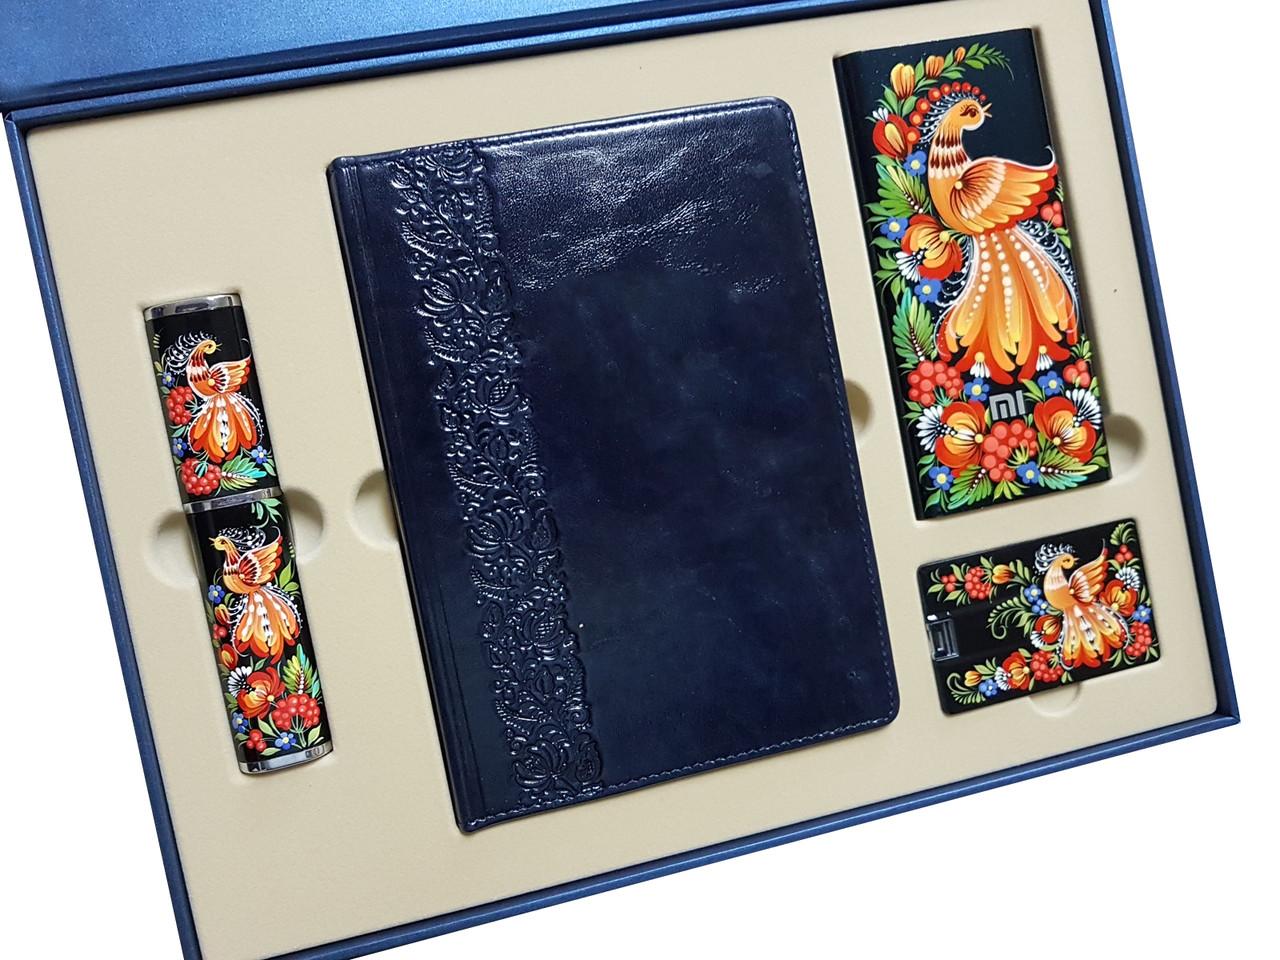 """Подарочный набор аксессуаров """"Премиум"""": ежедневник в кожаный, ручка в футляре, Xiaomi Power Bank и флеш-карта"""